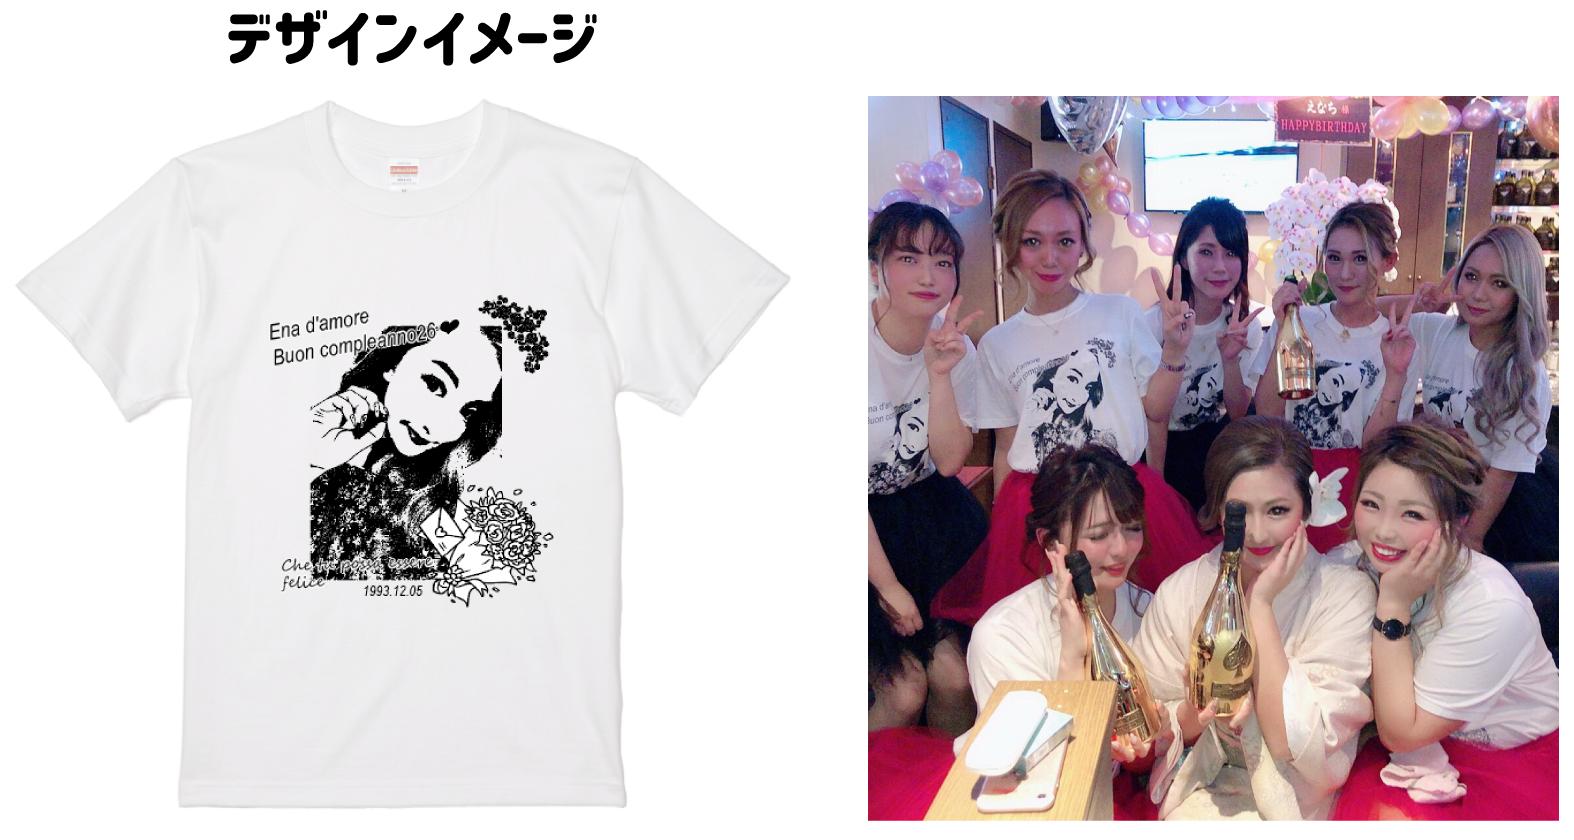 5806オリジナルTシャツ_スタッフイベント